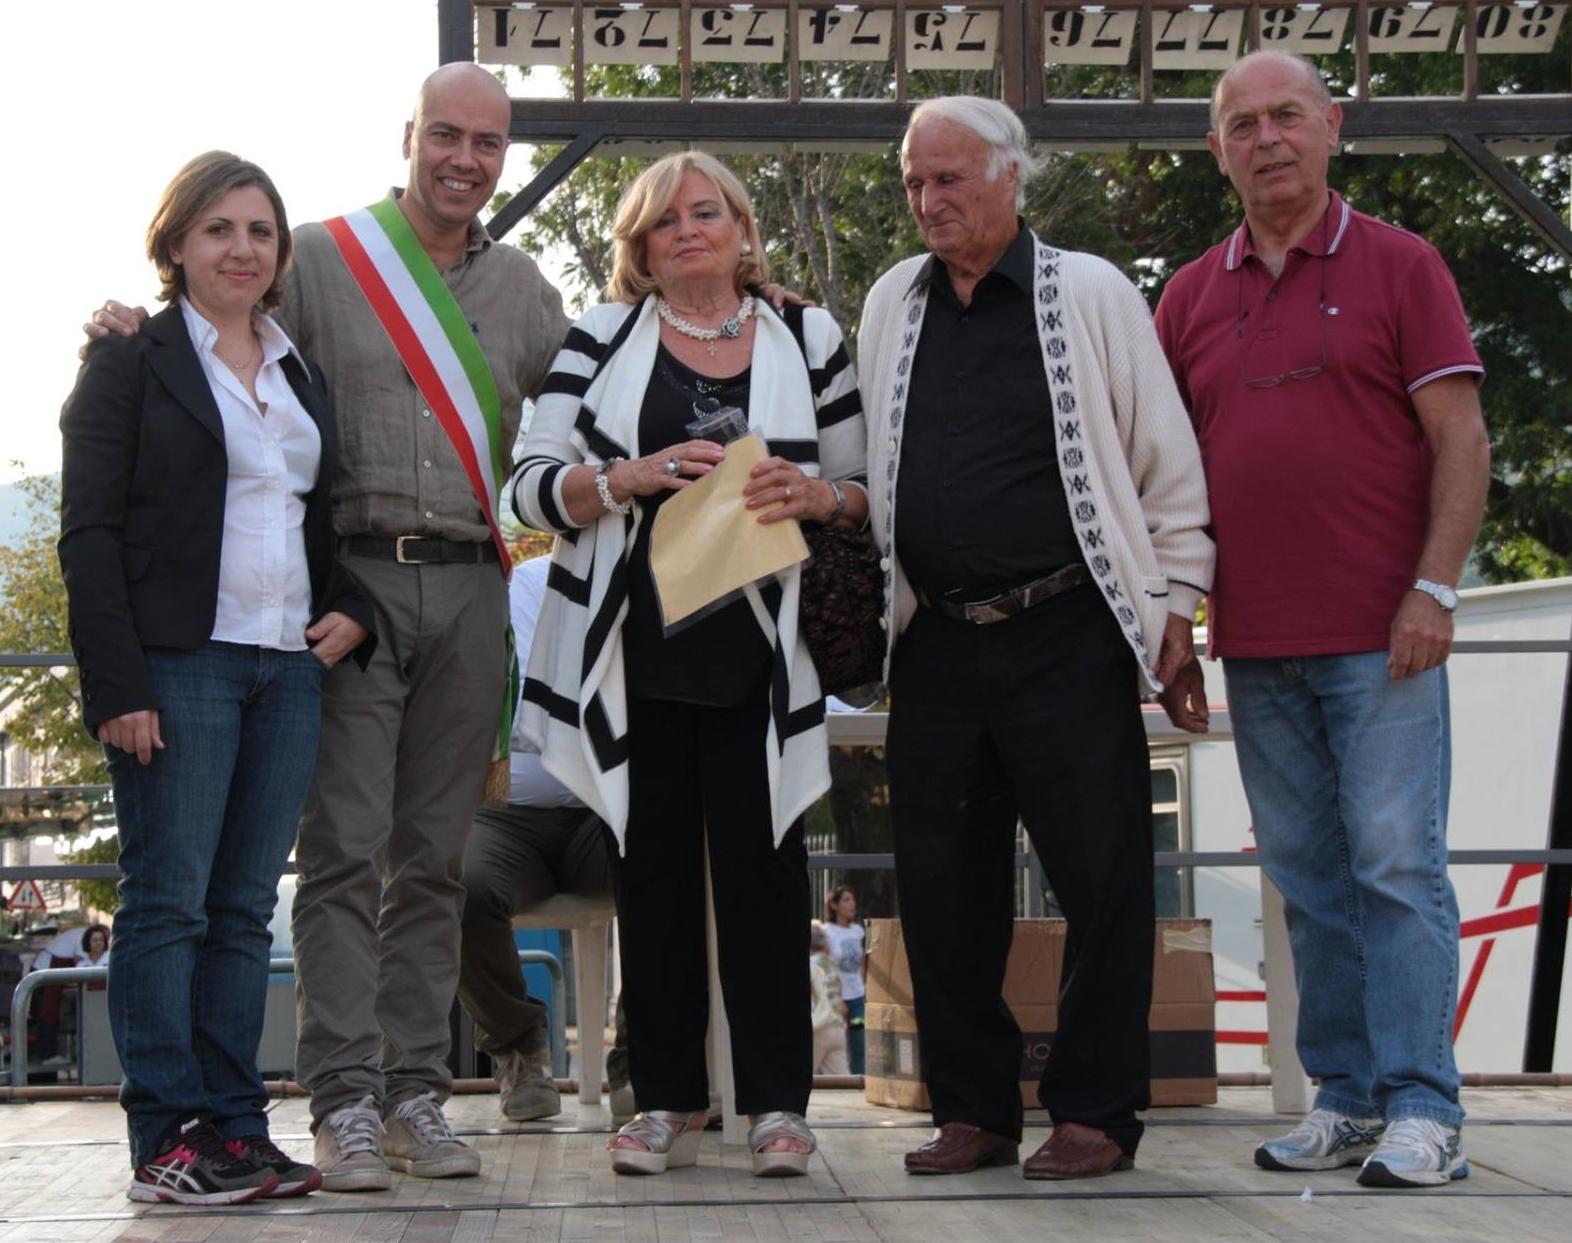 Nella foto: l'assessore al mercatino, Valentina Bertini, il Sindaco Juri Taglioli e ultimo a destra Arturo Morandi, presidente del Comitato durante un'iniziativa organizzata dal Mercatino per i cinquant'anni delle coppie vicaresi.